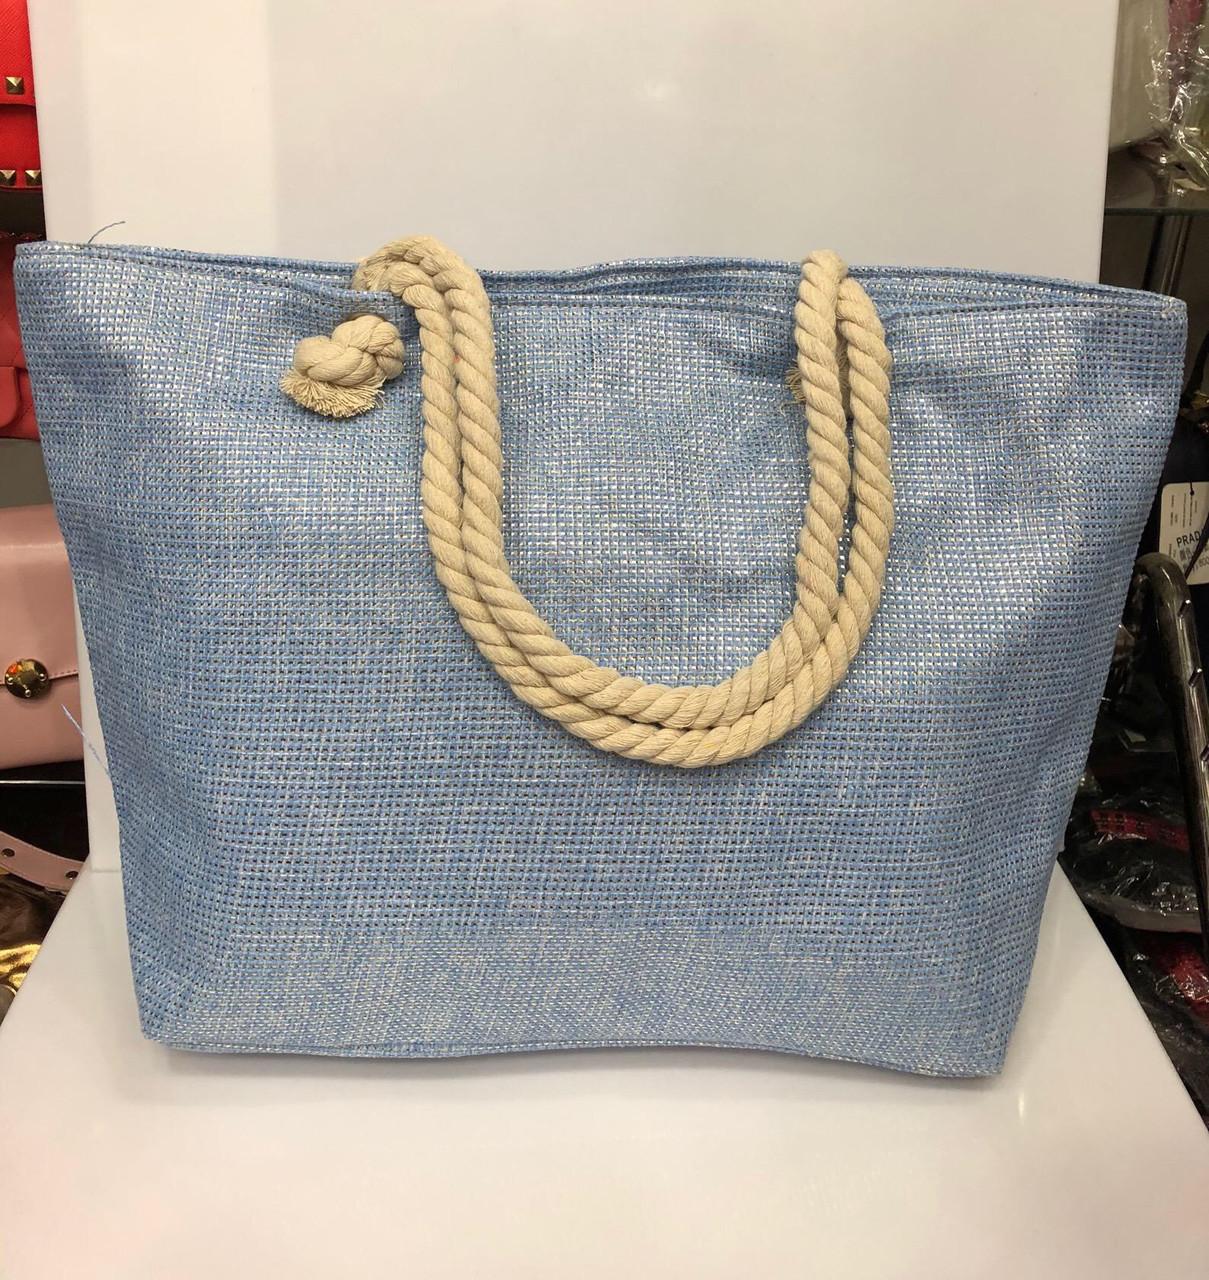 Пляжная сумка на канатах Голубой лен с золотым люрексом